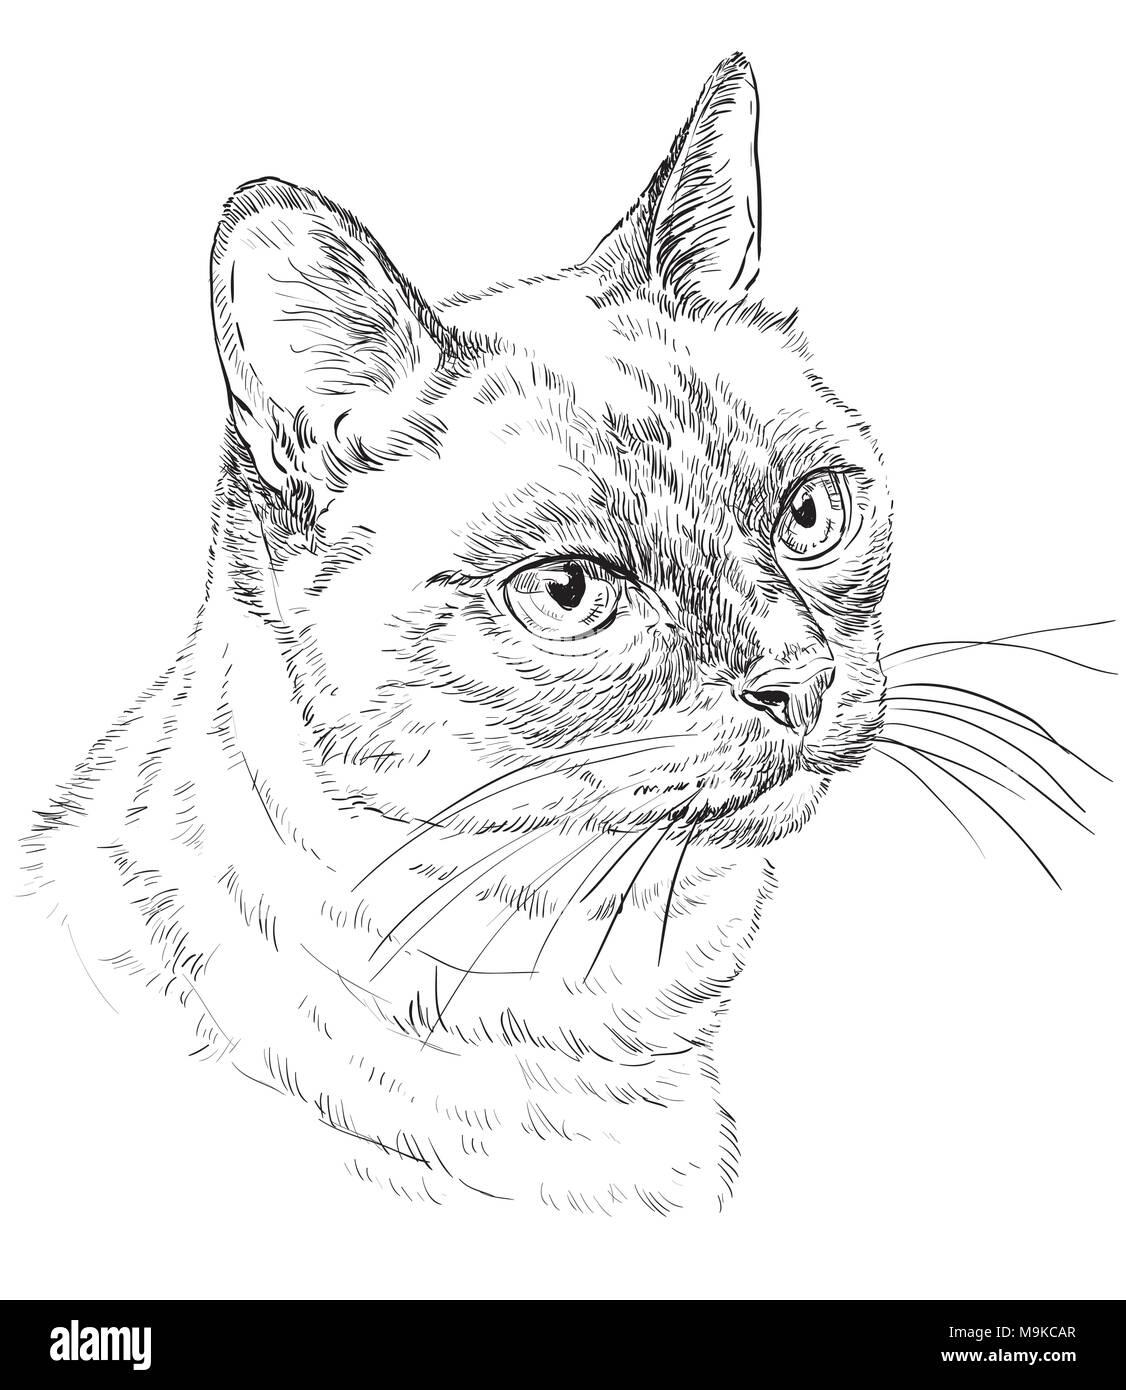 Contorno Vectorial Monocromo Retrato De Curioso Gato Tailandés En